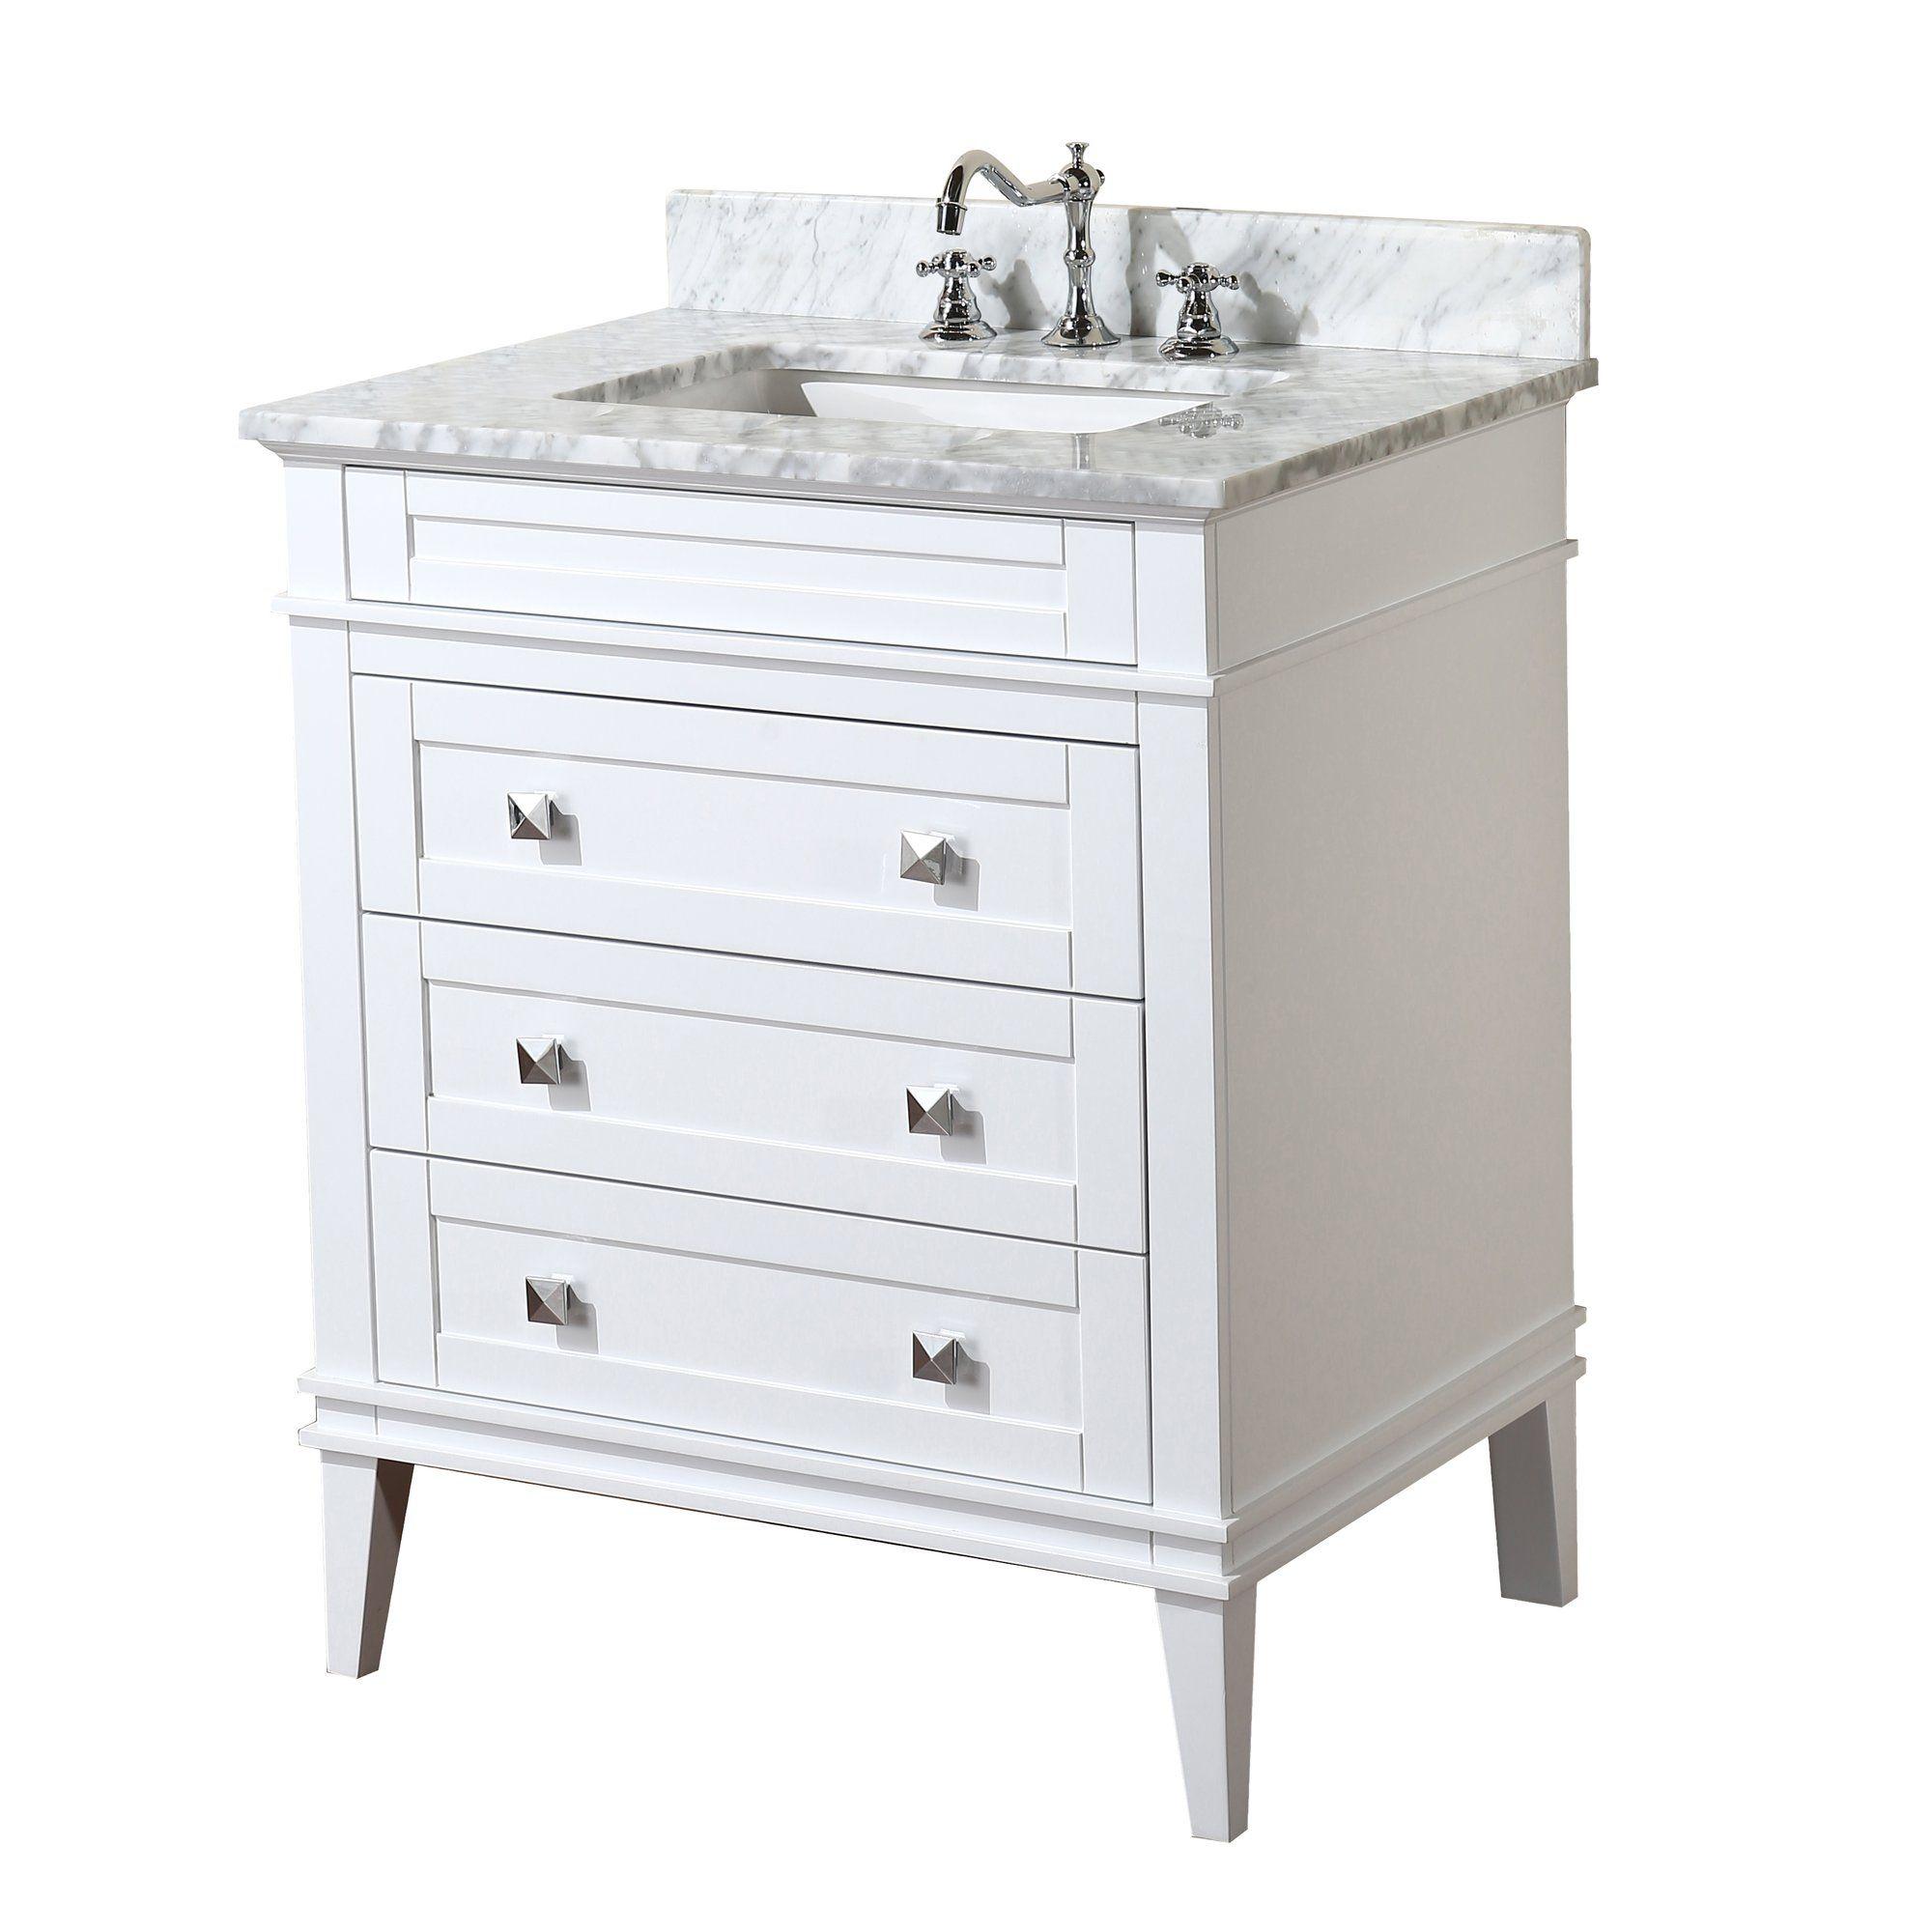 Eleanor 30 Single Bathroom Vanity Set 24 Inch Bathroom Vanity